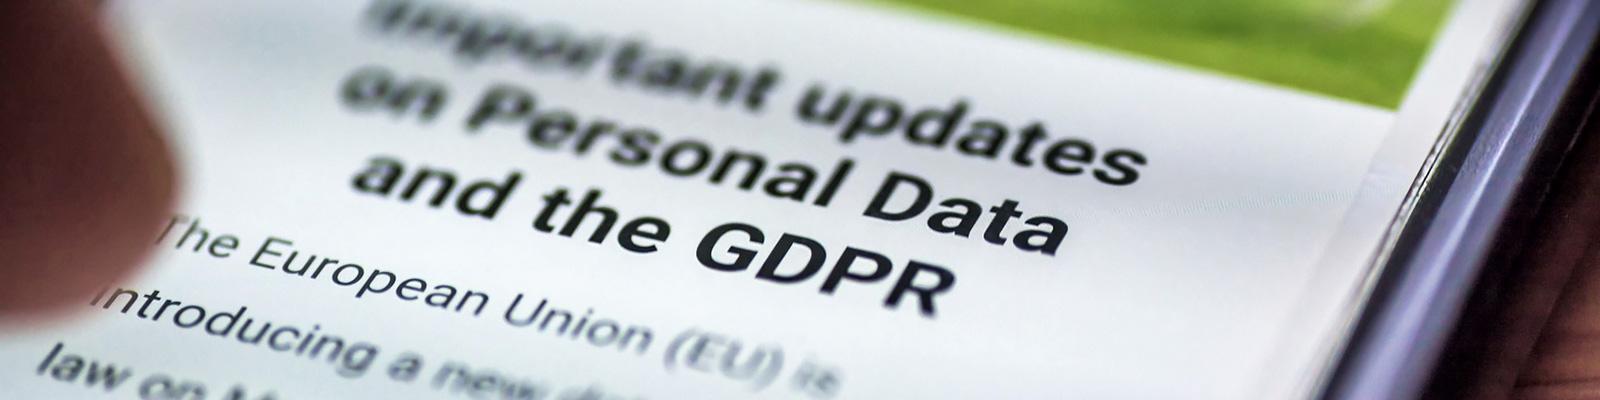 GDPR Webサイト スマートフォン イメージ